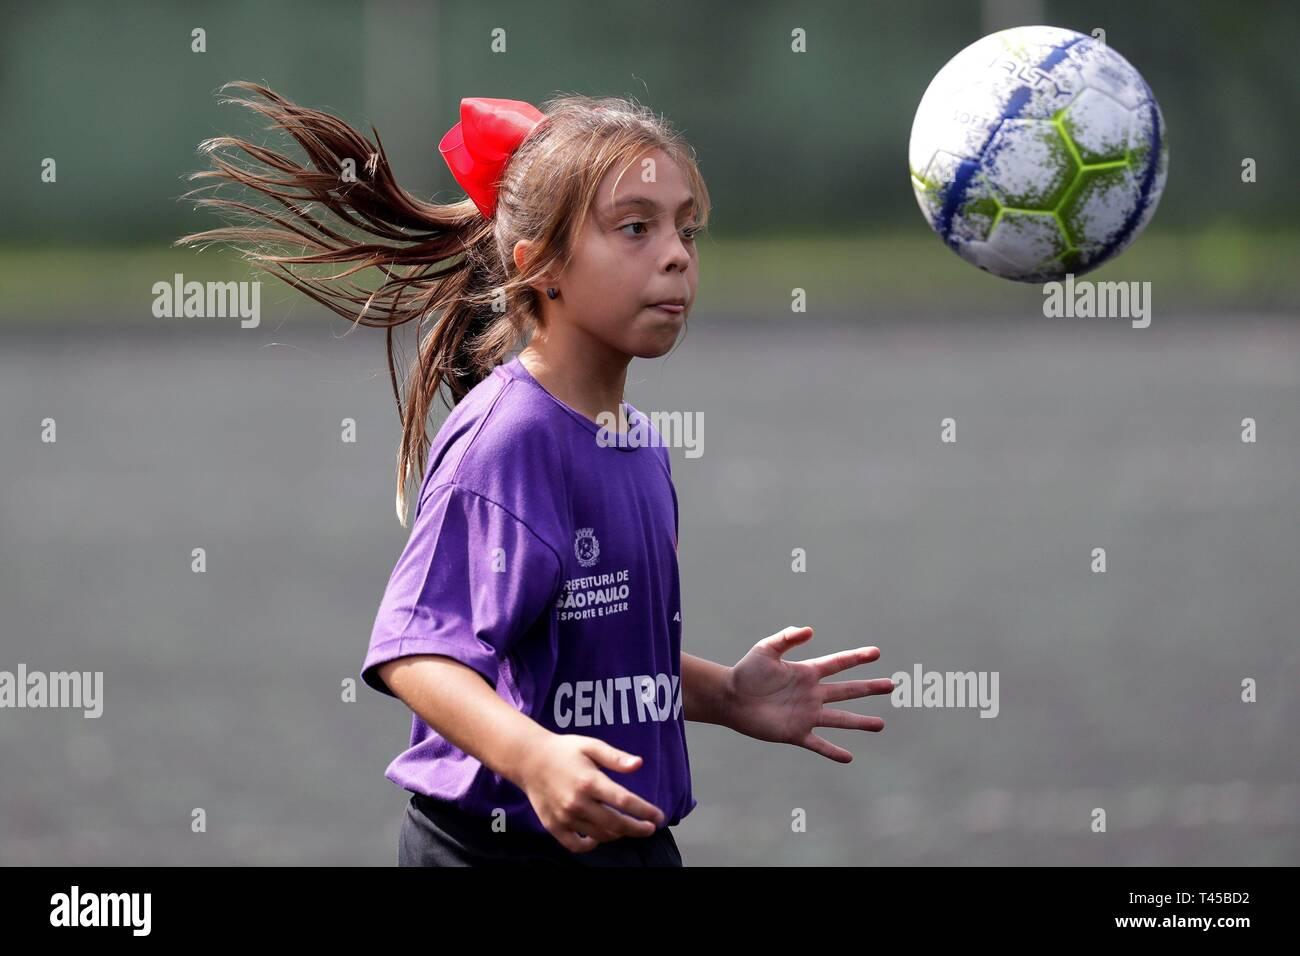 Natalia Pereira, un 9-ans Brazilian soccer player, frappe la balle de São Paulo, Brésil, le 11 avril 2019 (publié le 14 avril 2019). Natalia, la première femme membre d'une équipe de soccer masculine junior au Brésil, a joué son premier match en U-10 de soccer jeu avec son équipe disponible le 13 avril. Bien que la règle est les filles veulent jouer dans les équipes d'hommes jusqu'à 13 ans, les faits sont différents. Très peu de filles ont l'occasion de faire un test d'aptitude en équipes. Natalia a été très heureuse quand elle a réussi à passer le test dans l'équipe à se procurer. L'EFE/ Sebastiao Moreira Photo Stock